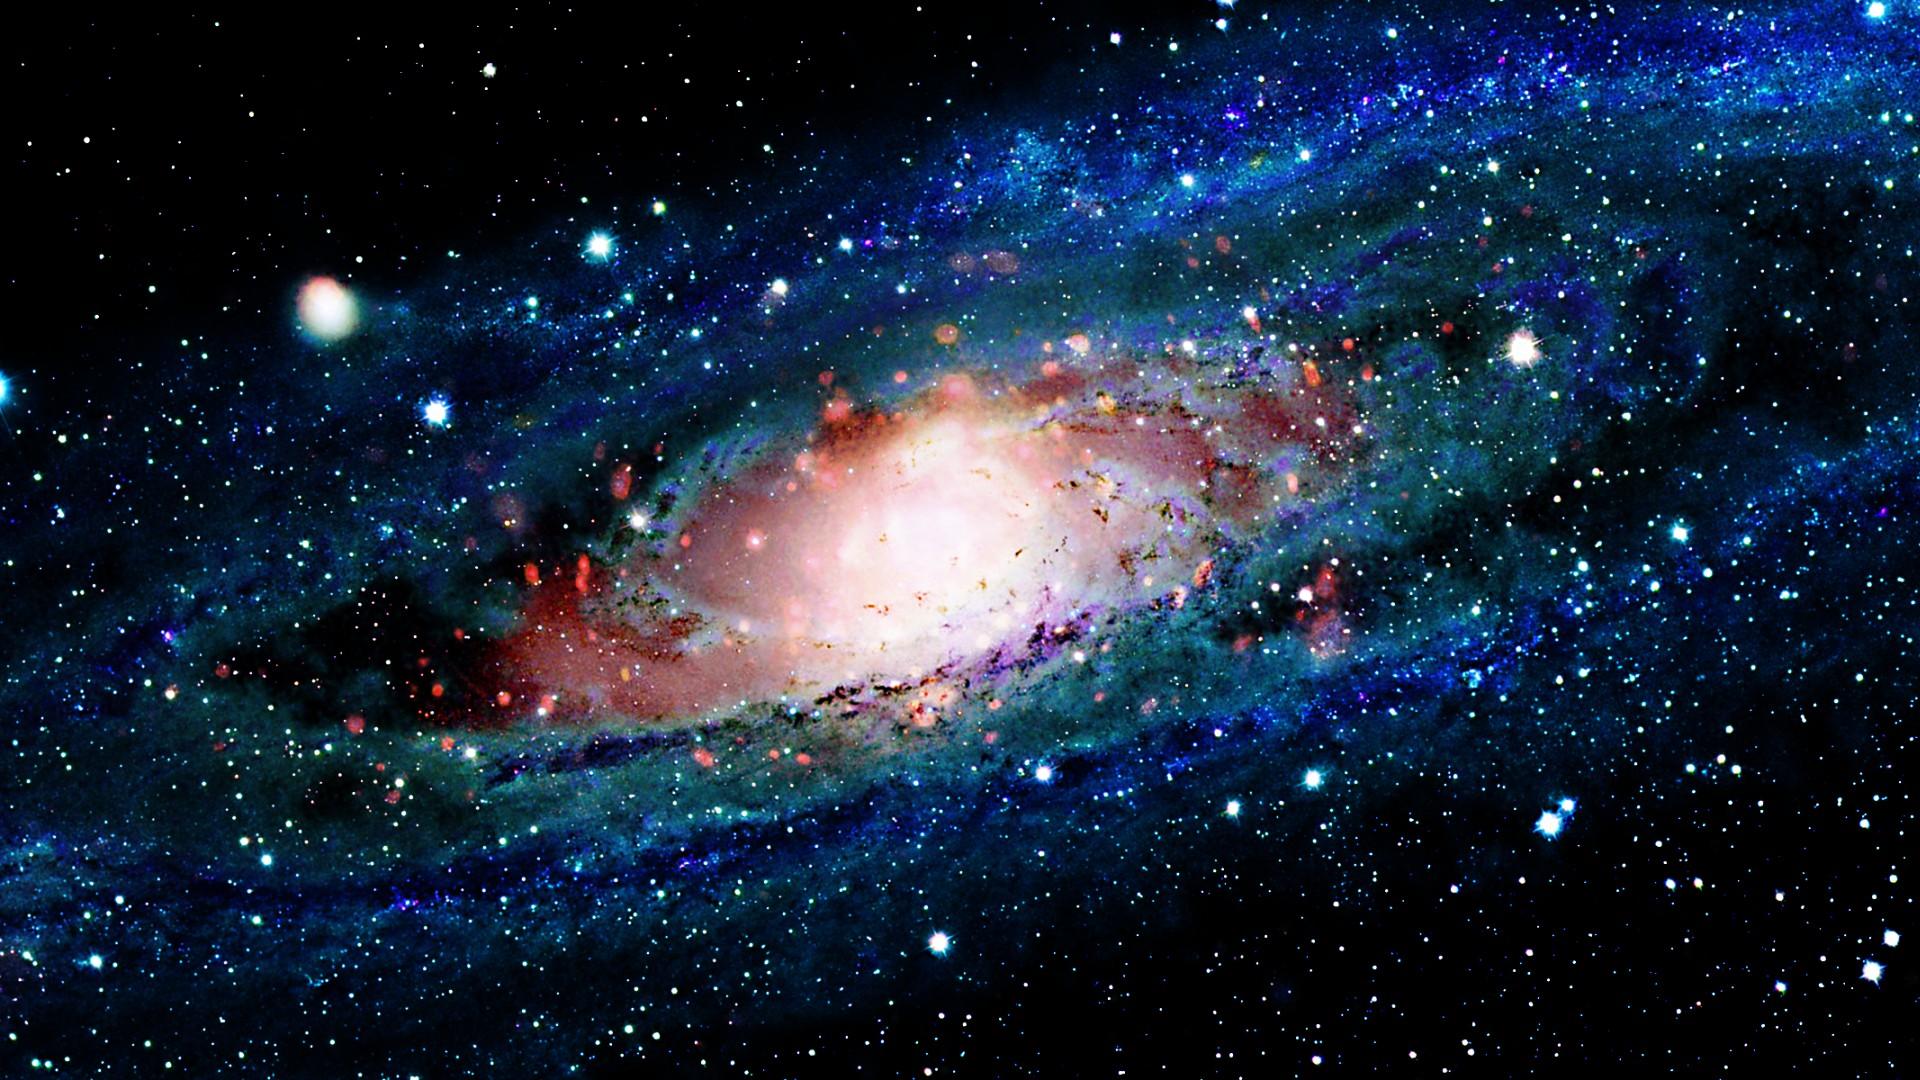 galaxy-19219642.jpg